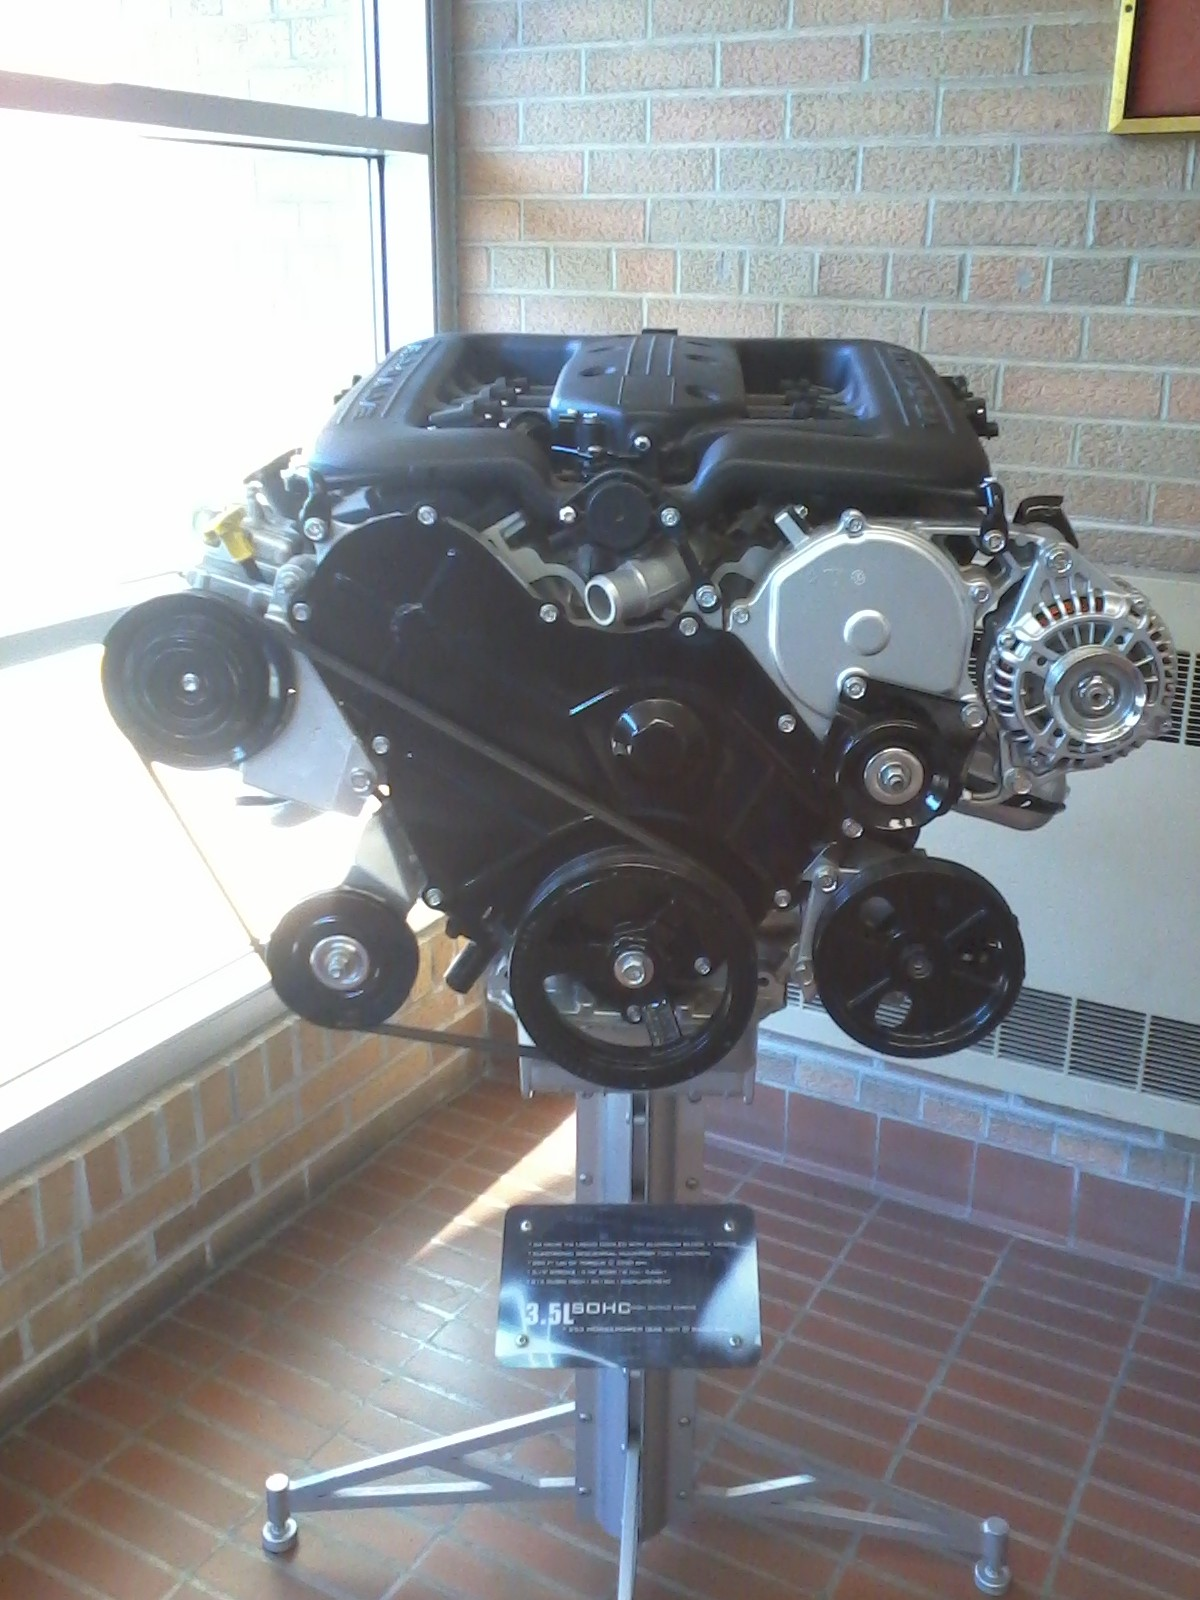 2008 Dodge Caravan Engine Diagram Chrysler sohc V6 Engine Of 2008 Dodge Caravan Engine Diagram